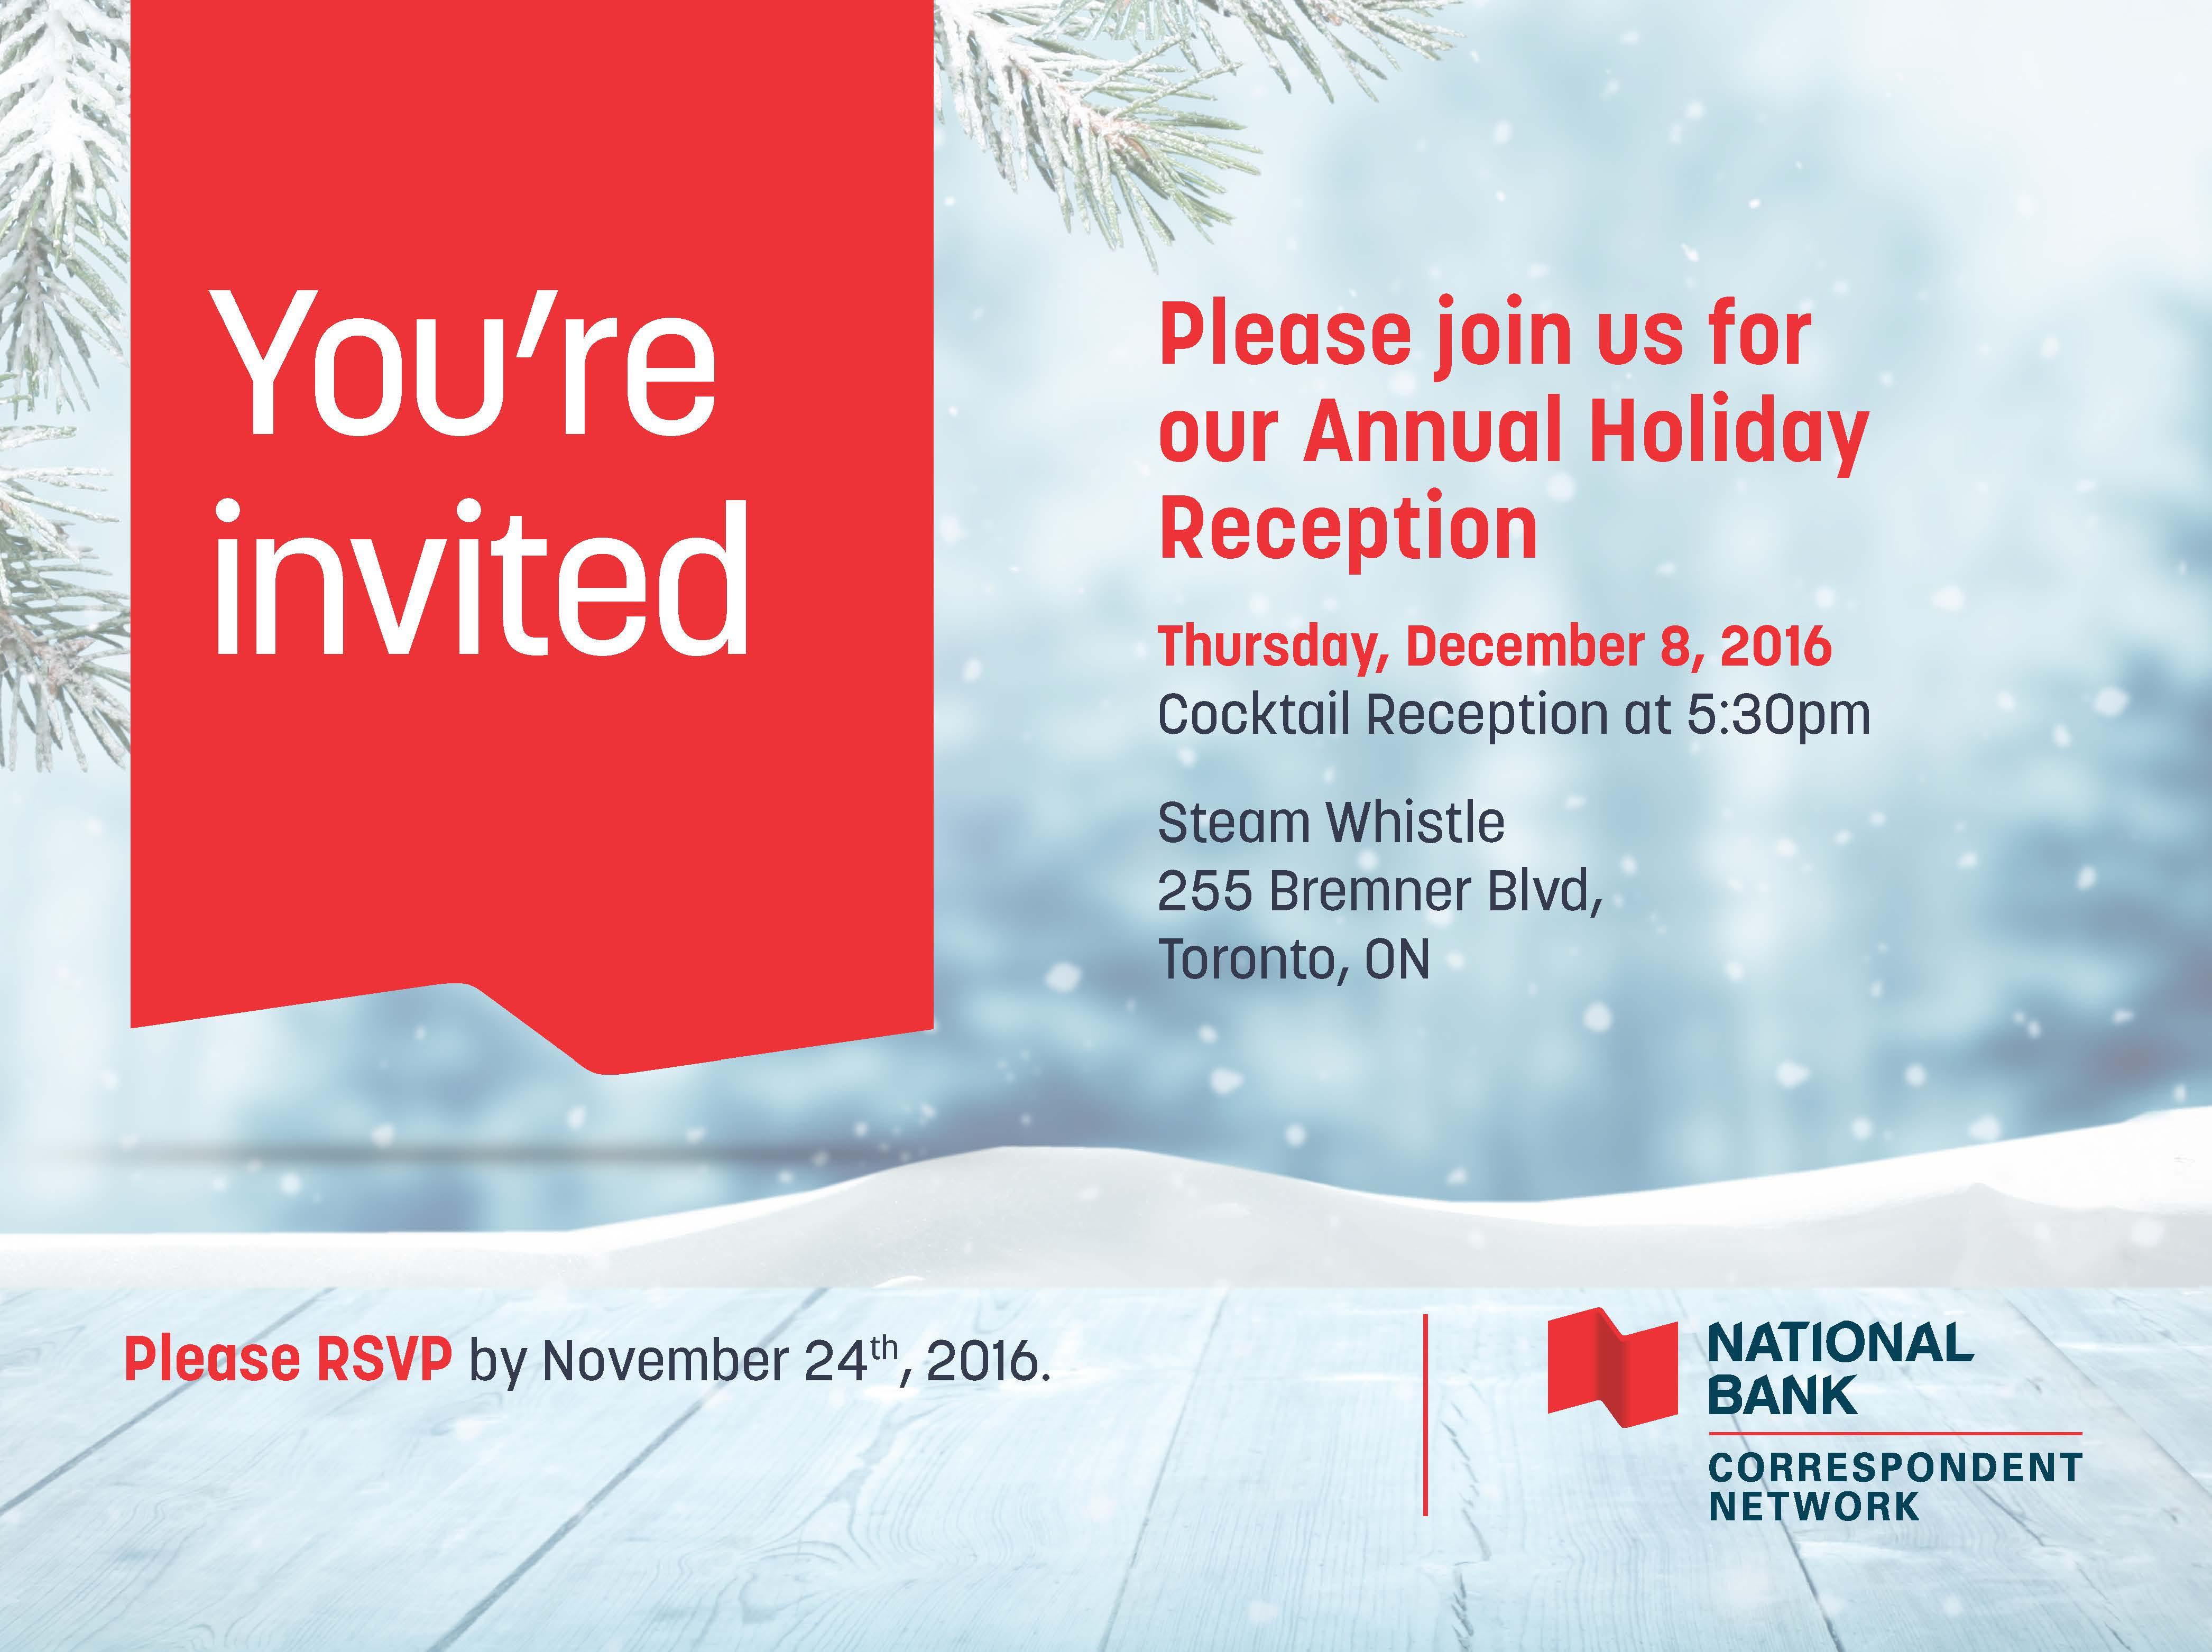 Toronto Holiday Reception